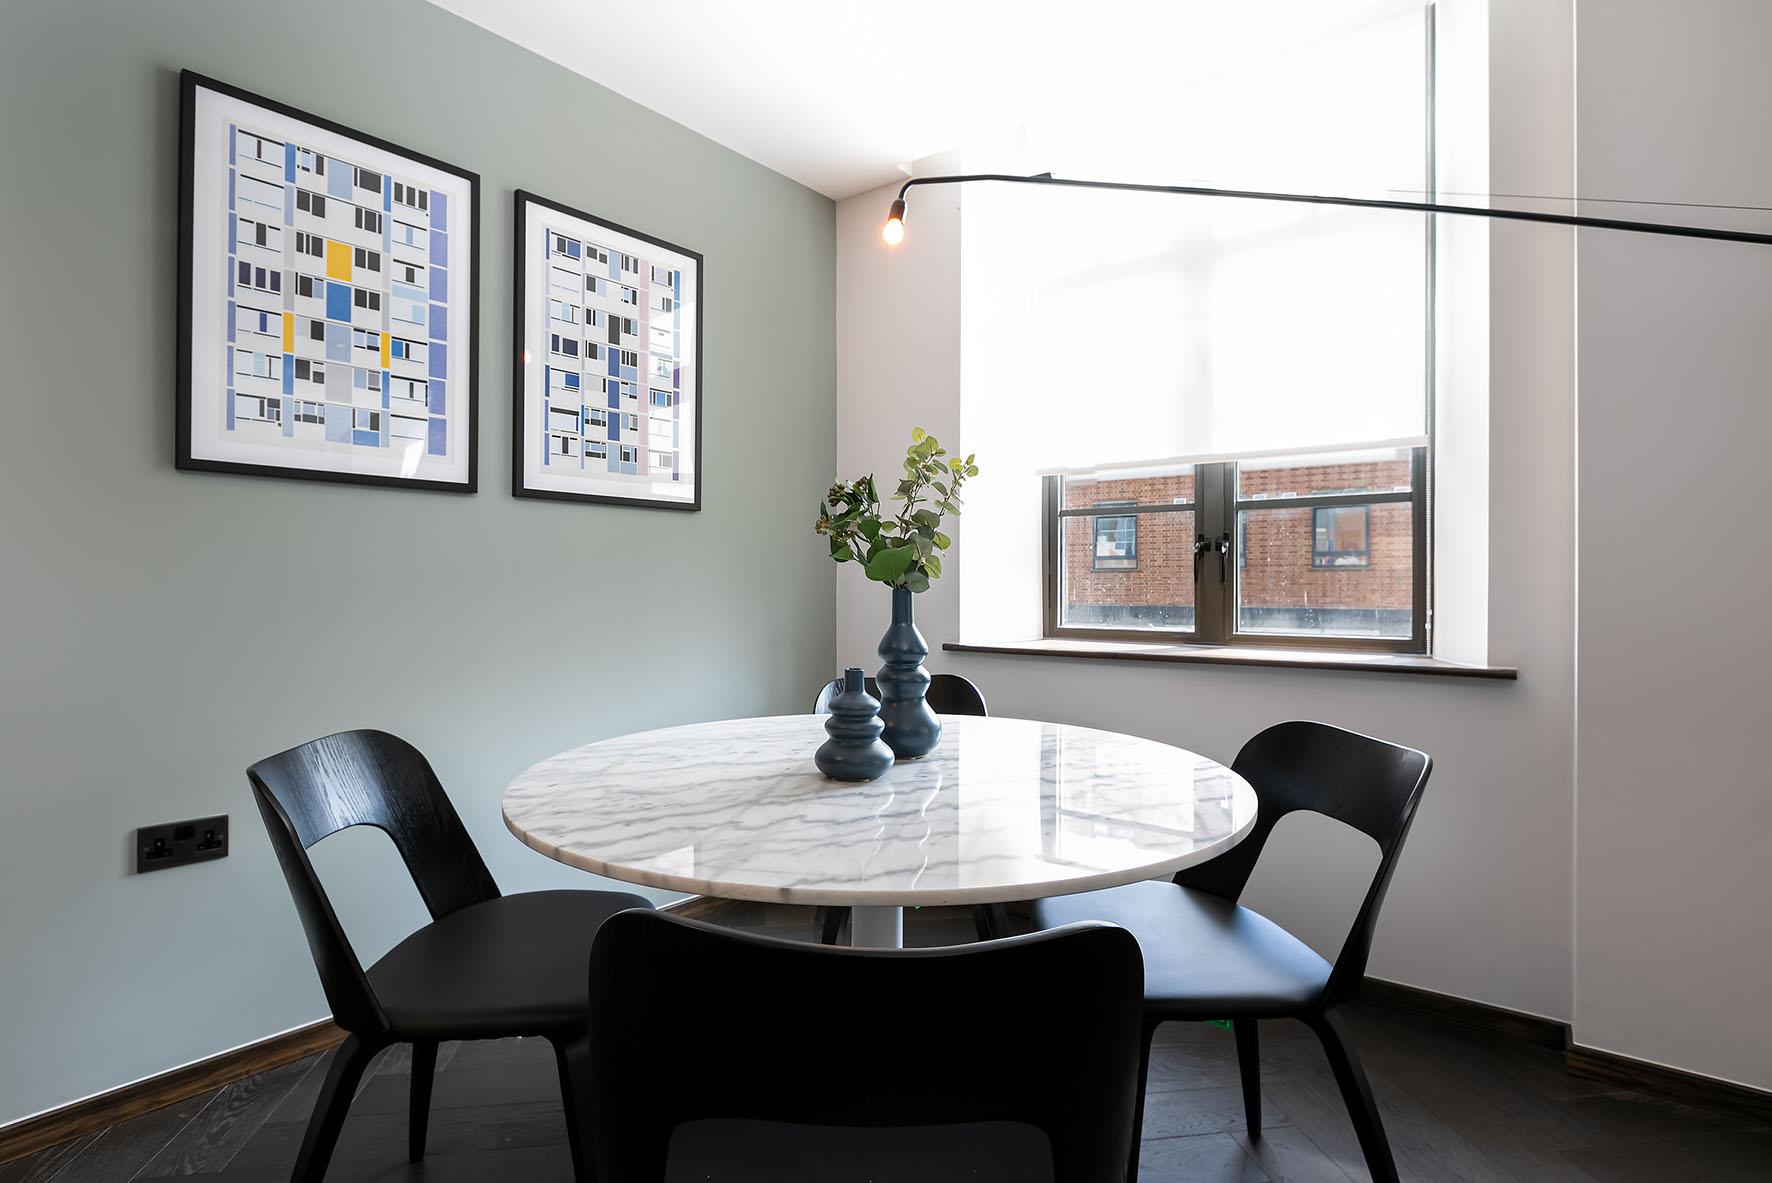 Lovelydays luxury service apartment rental - London - Soho - Oxford Street V - Lovelysuite - 1 bedrooms - 1 bathrooms - Dining living room - c1e310dfd516 - Lovelydays